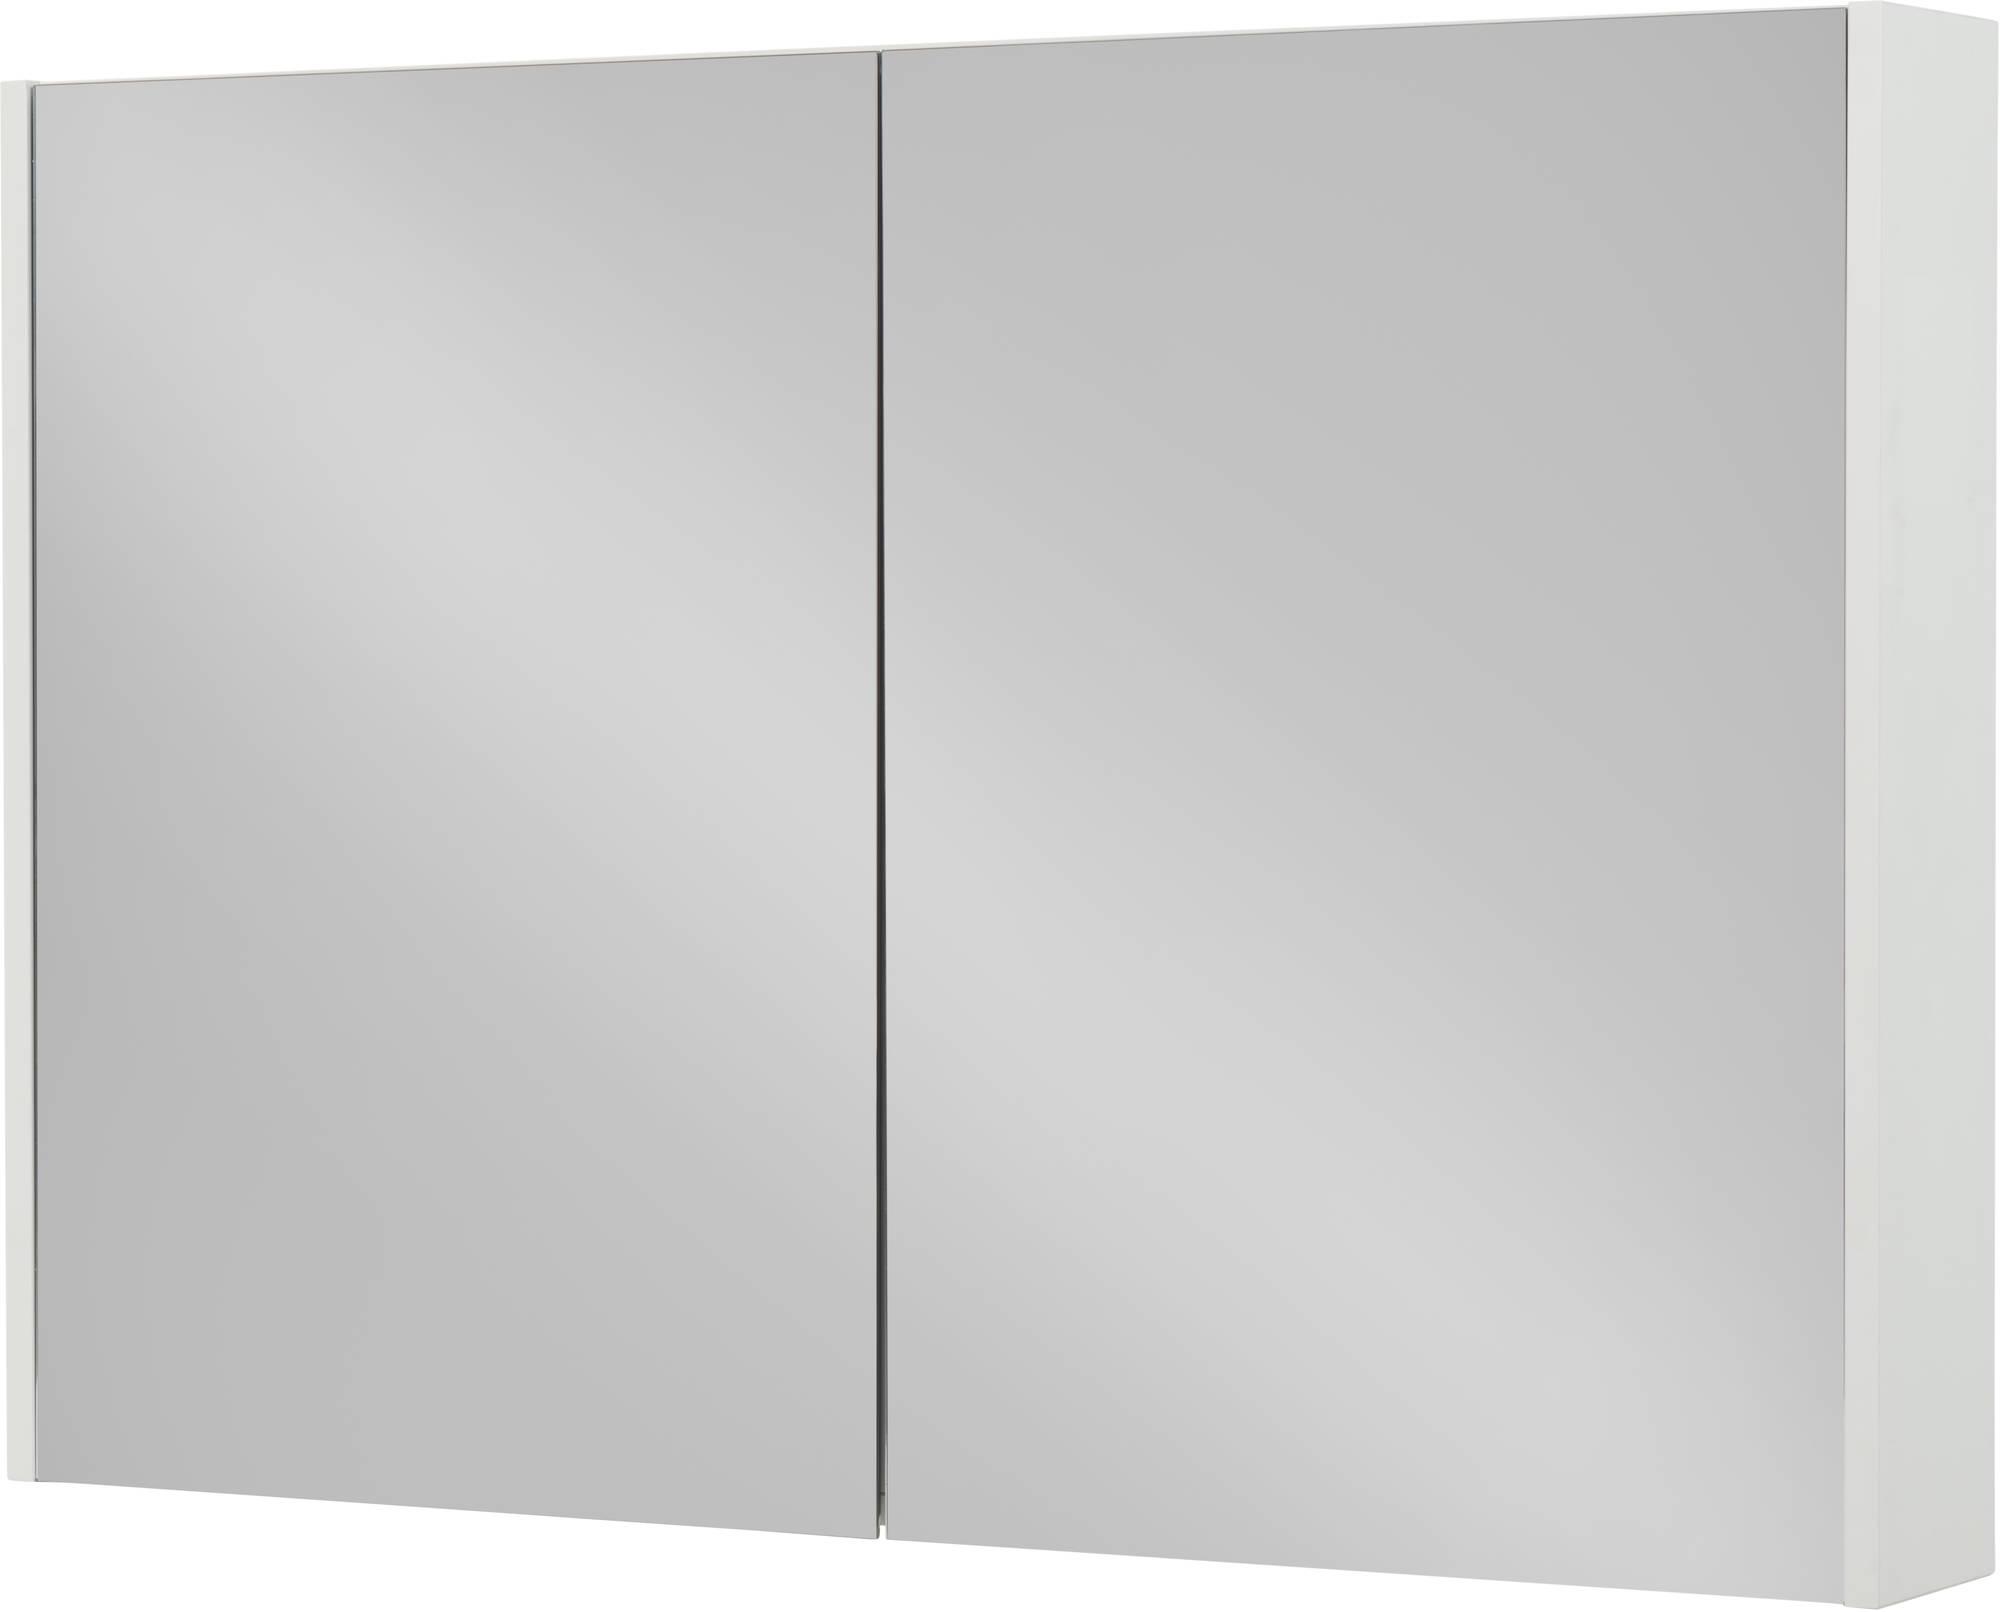 Productafbeelding van Saniselect Socan Spiegelkast 100x14x70 cm Mat Wit